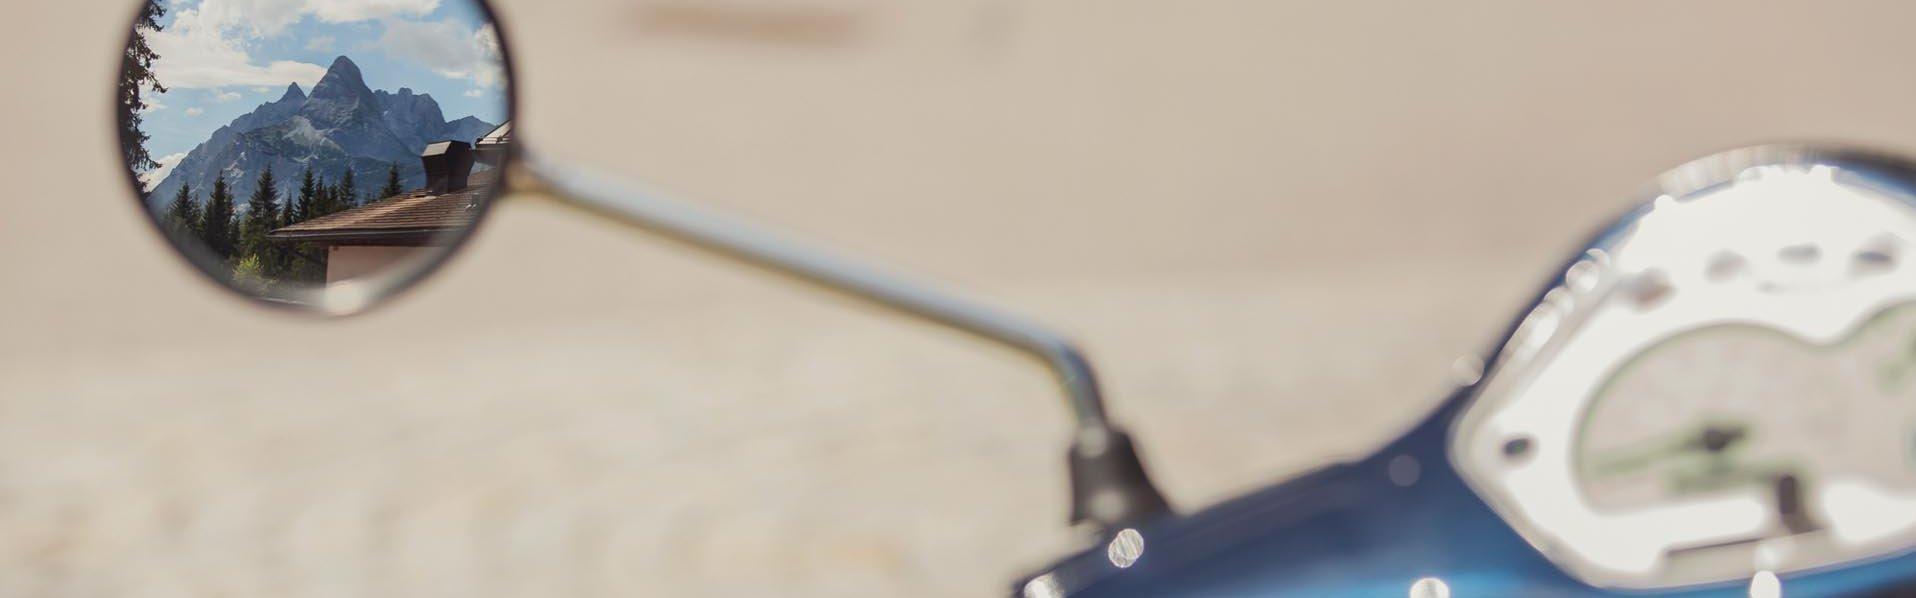 Blick auf Tacho einer Vespa